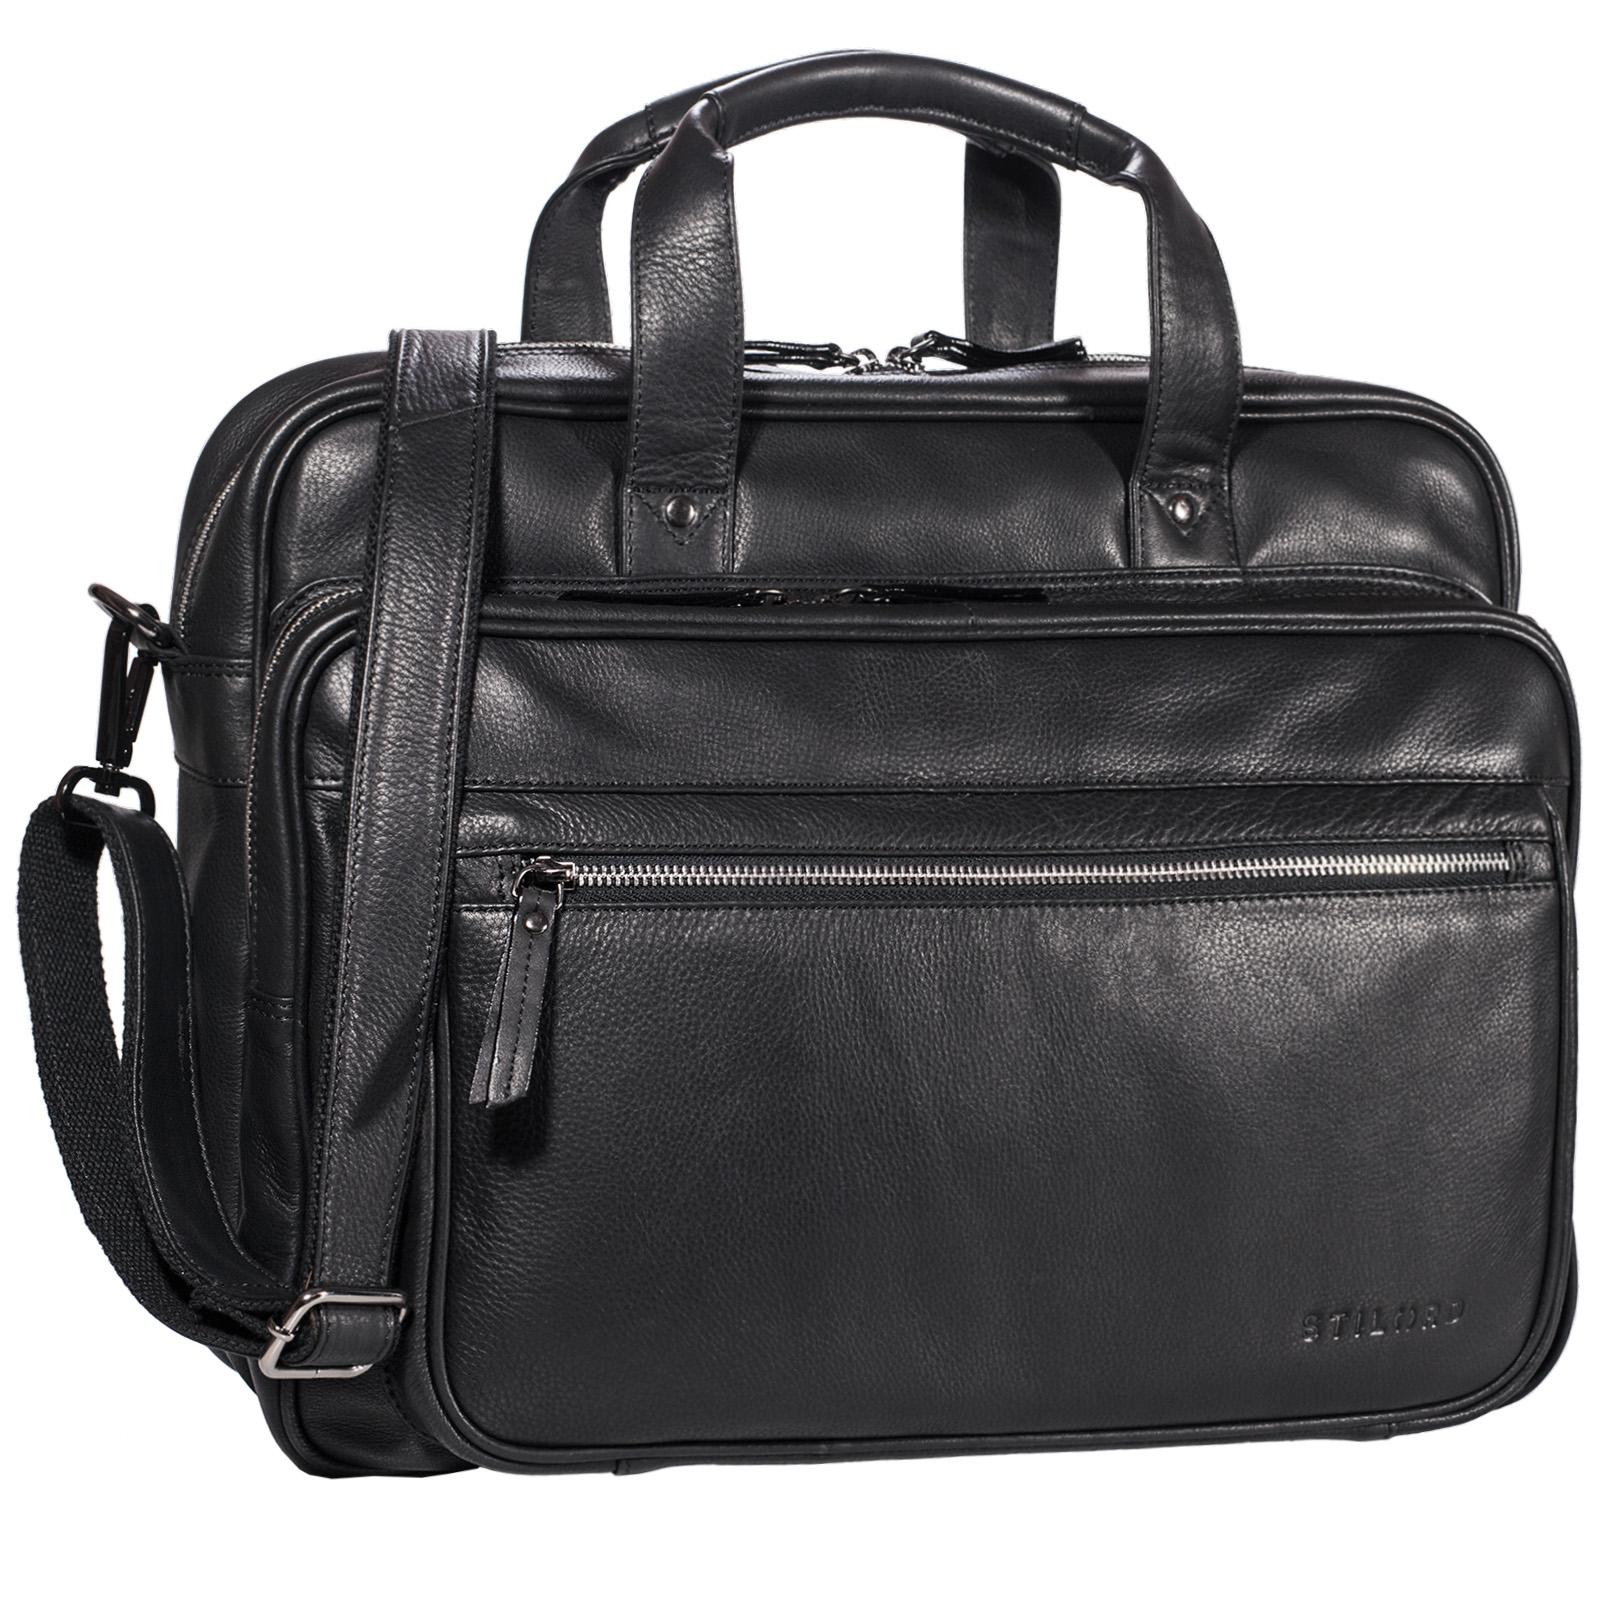 """STILORD """"Walt"""" Vintage Aktentasche Leder Herren Damen Lehrertasche XL groß Büro Business Umhängetasche für 15,6 Zoll Laptop Echt Leder  - Bild 14"""